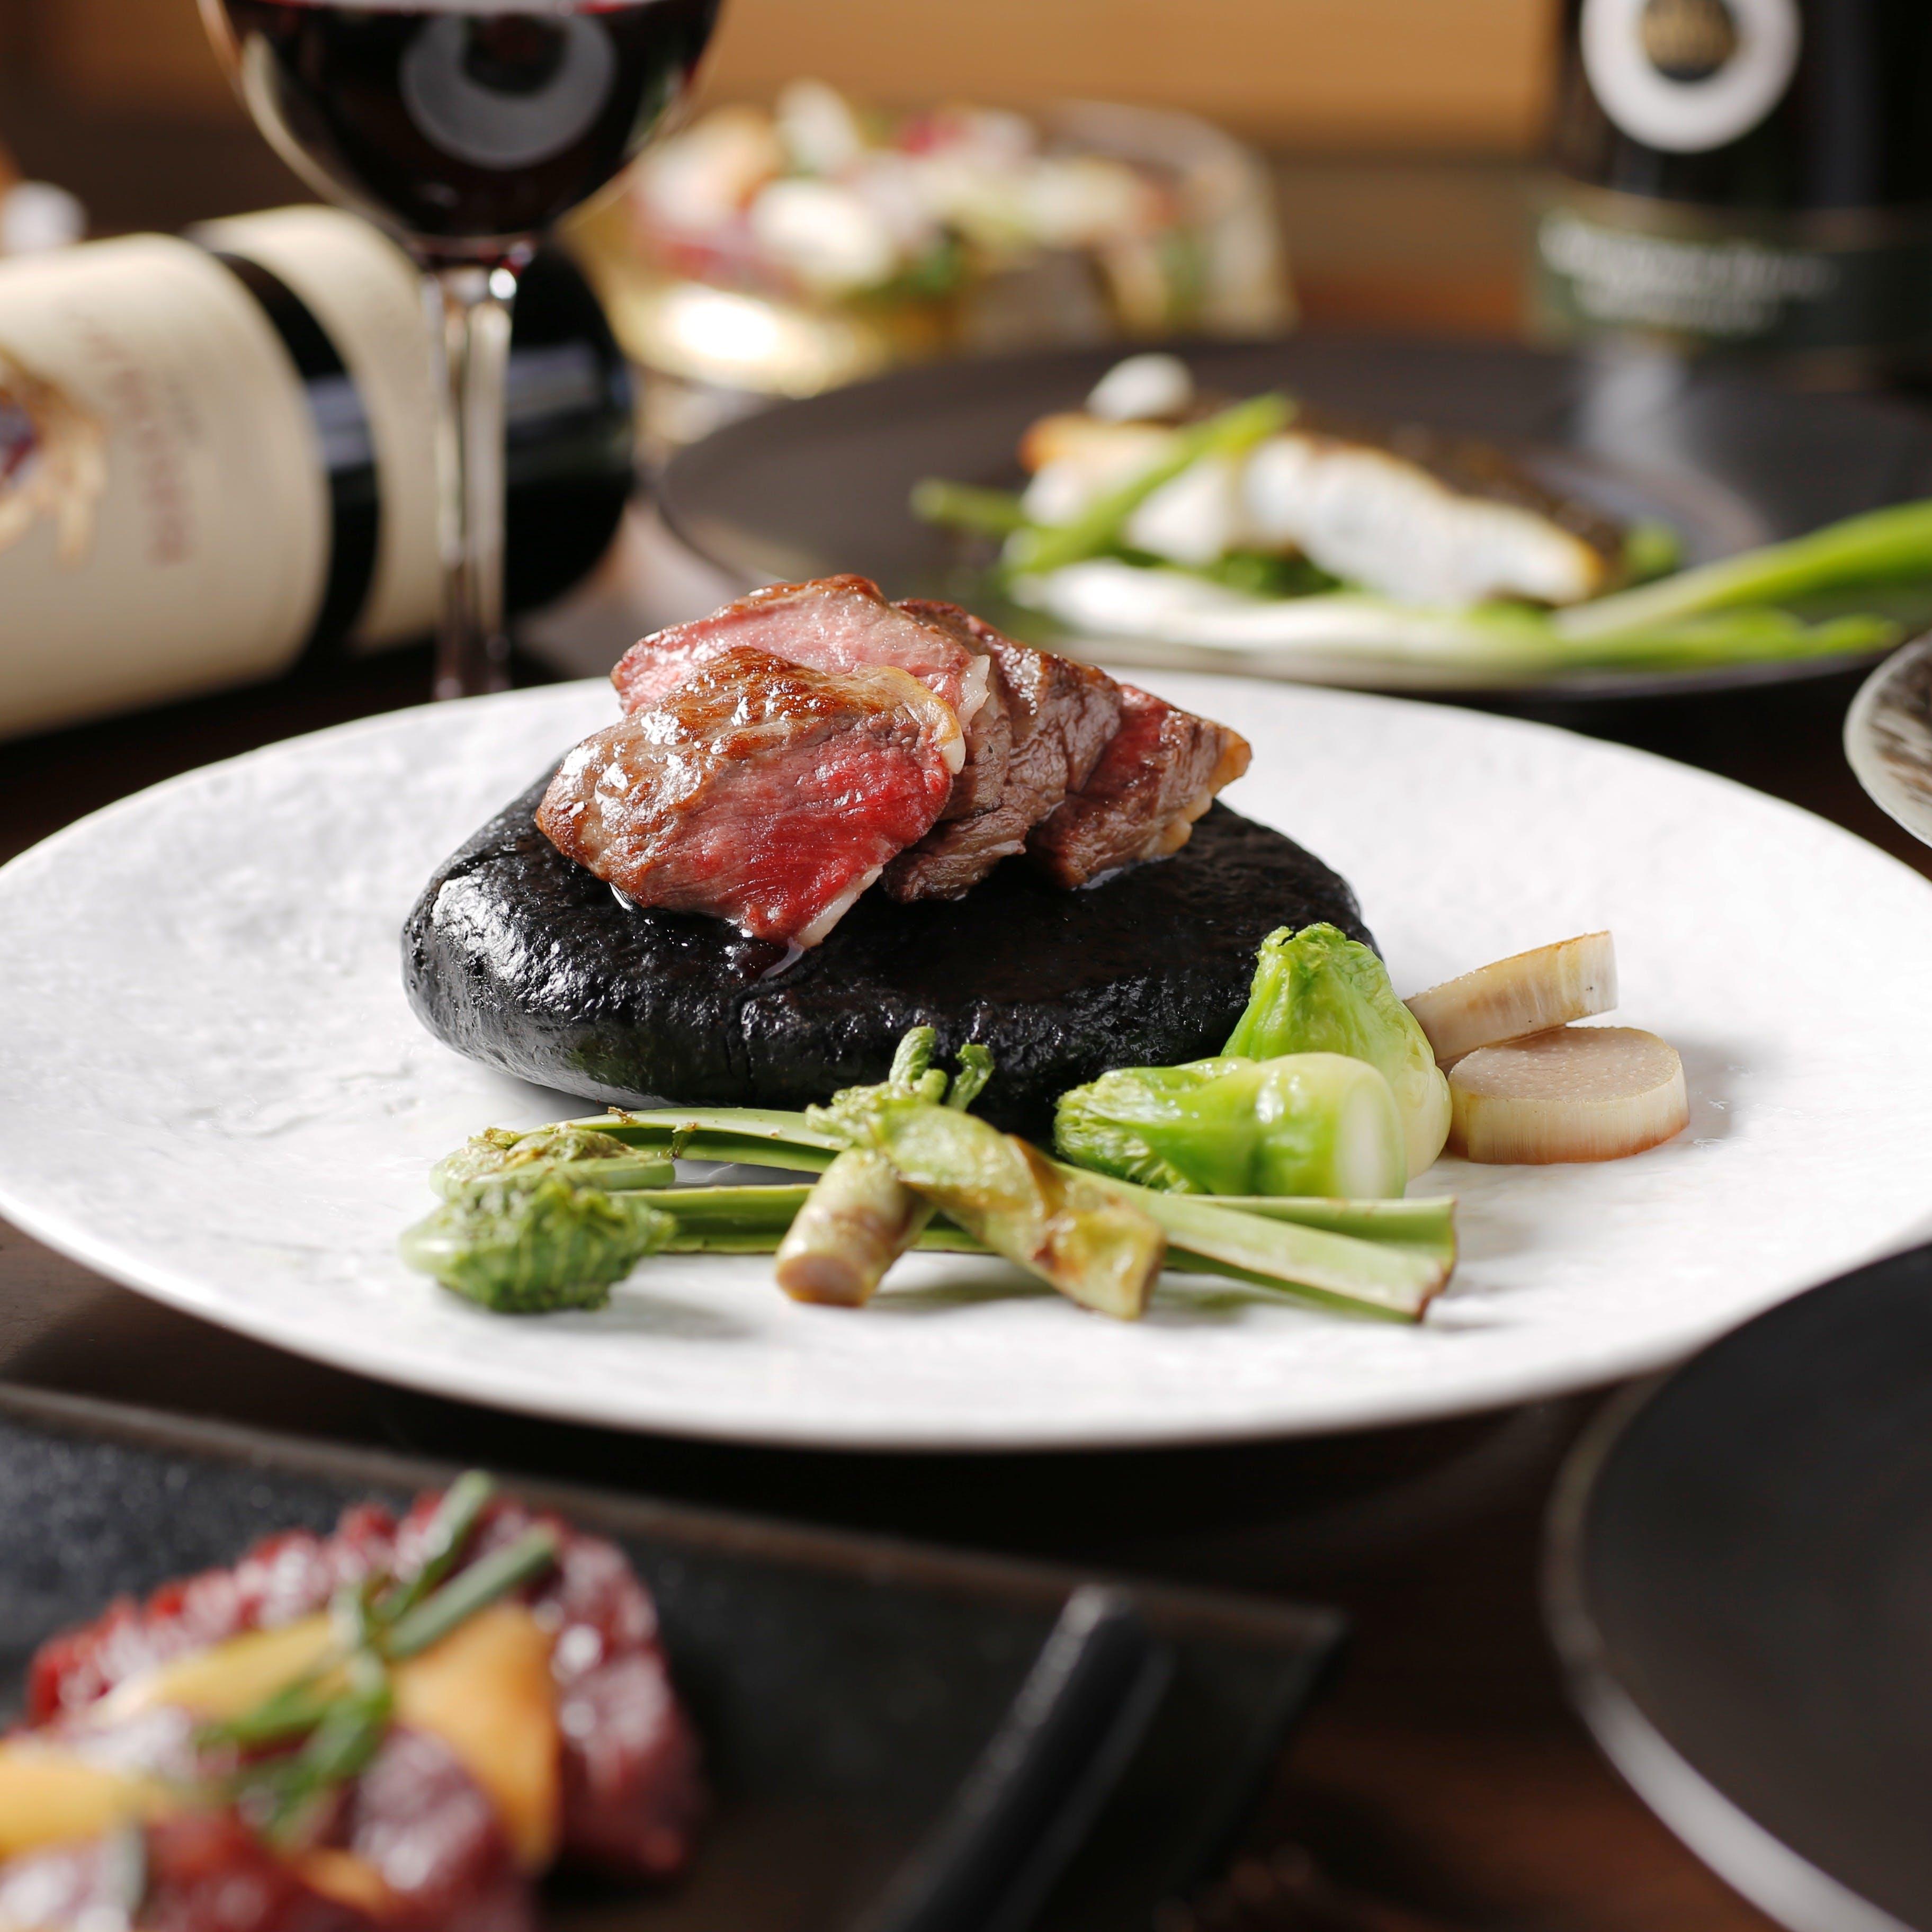 福岡の新鮮な食材を世界各国の調理法で仕上げたワールドワイドなメニュー